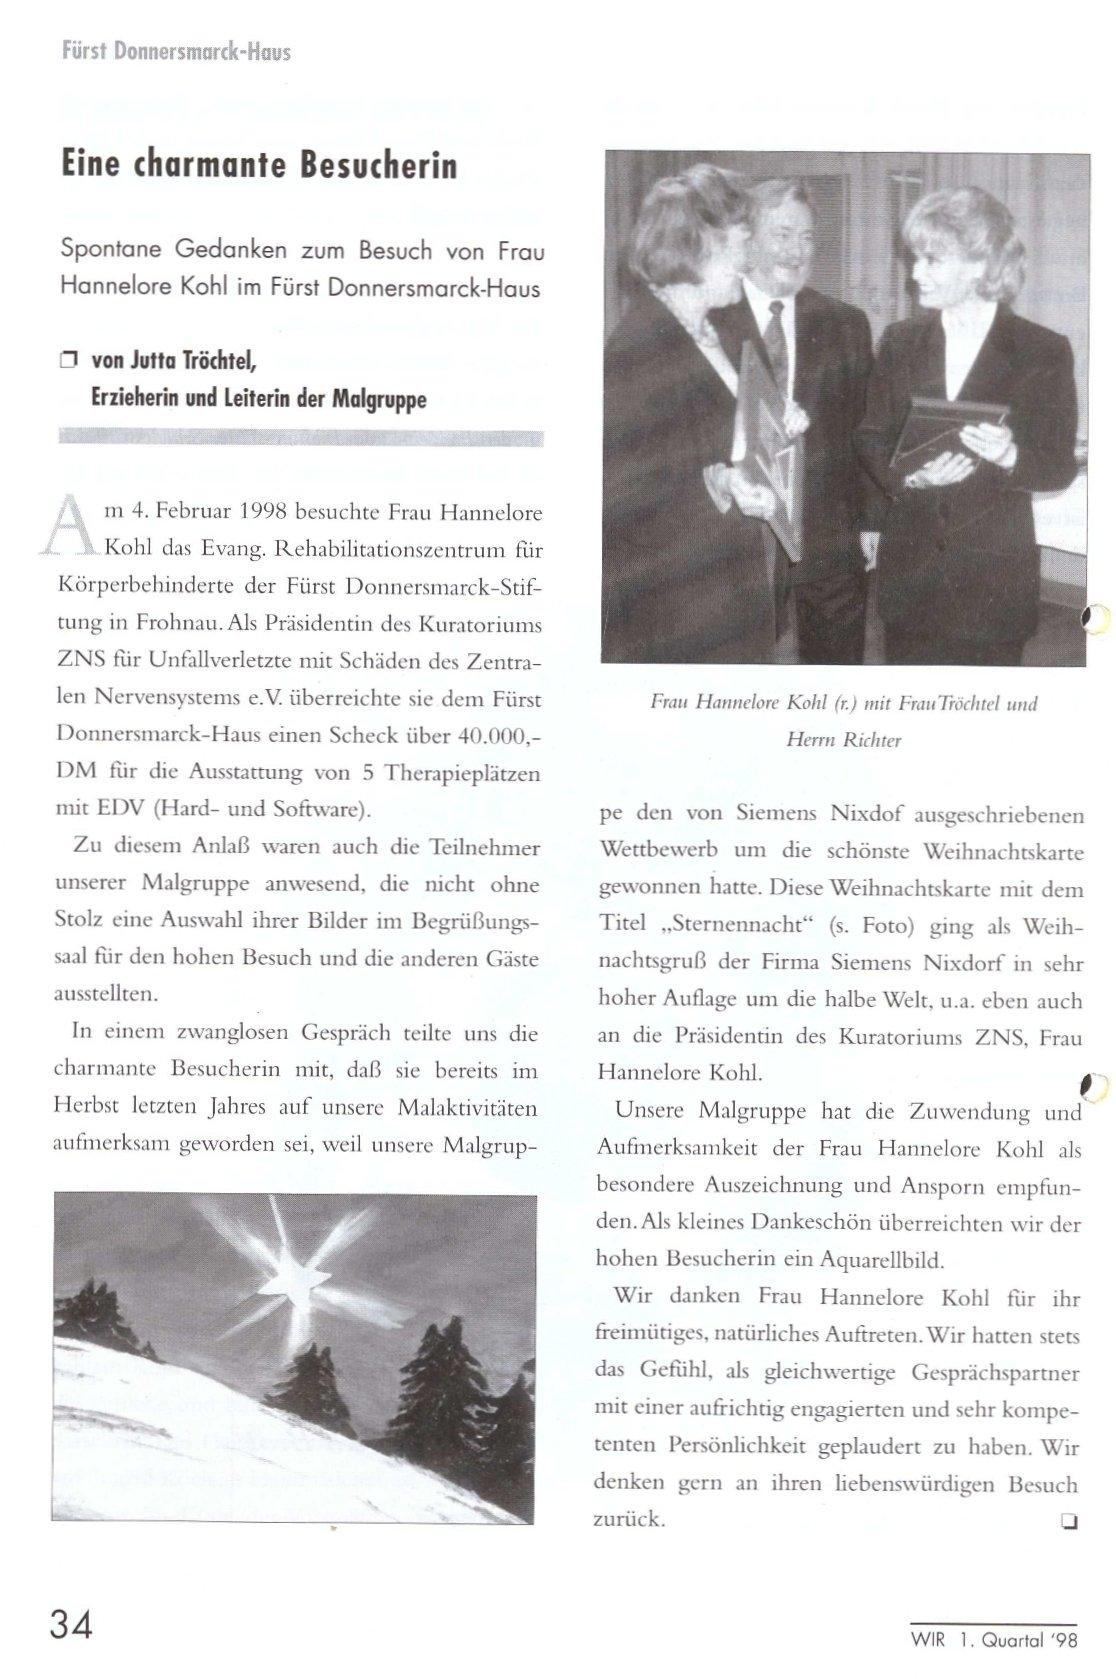 """Beitrag aus der Zeitschrift Wir zum Besuch von Hannelore Kohl (Ausgabe Nummer 1, 1998) mit dem Titel: """"Eine charmante Besucherin""""."""